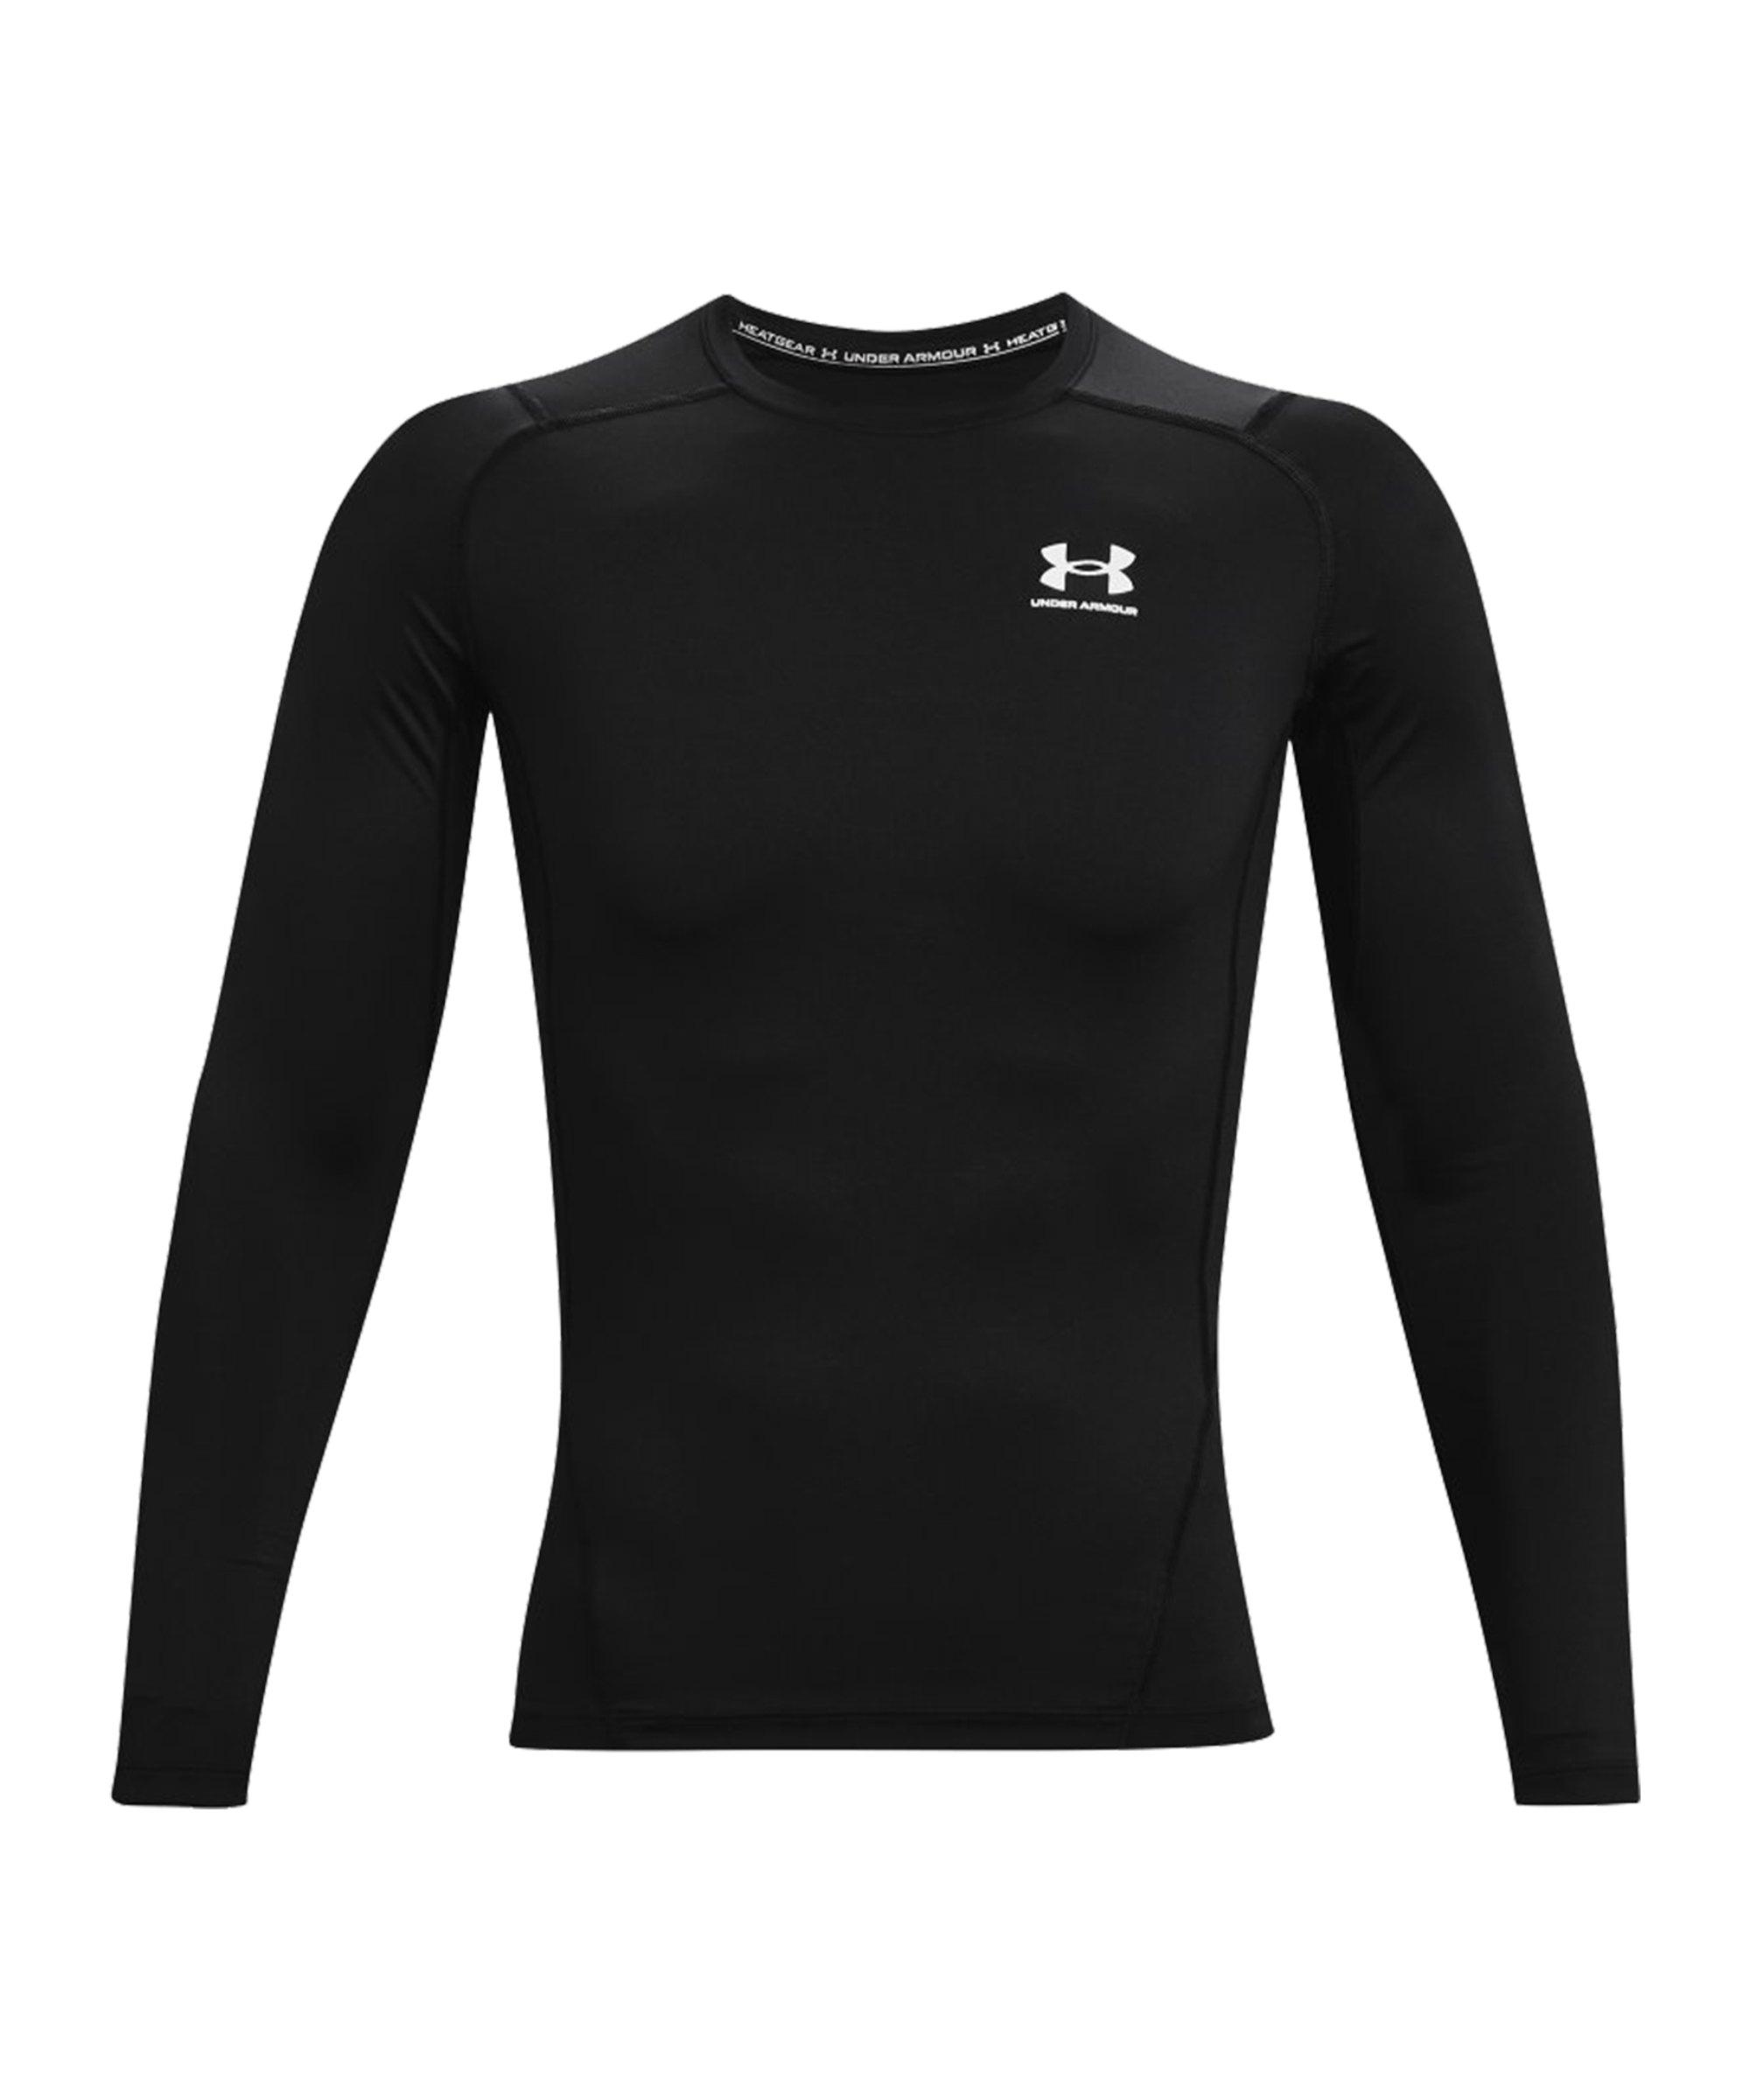 Under Armour HG Compression Sweatshirt F001 - schwarz